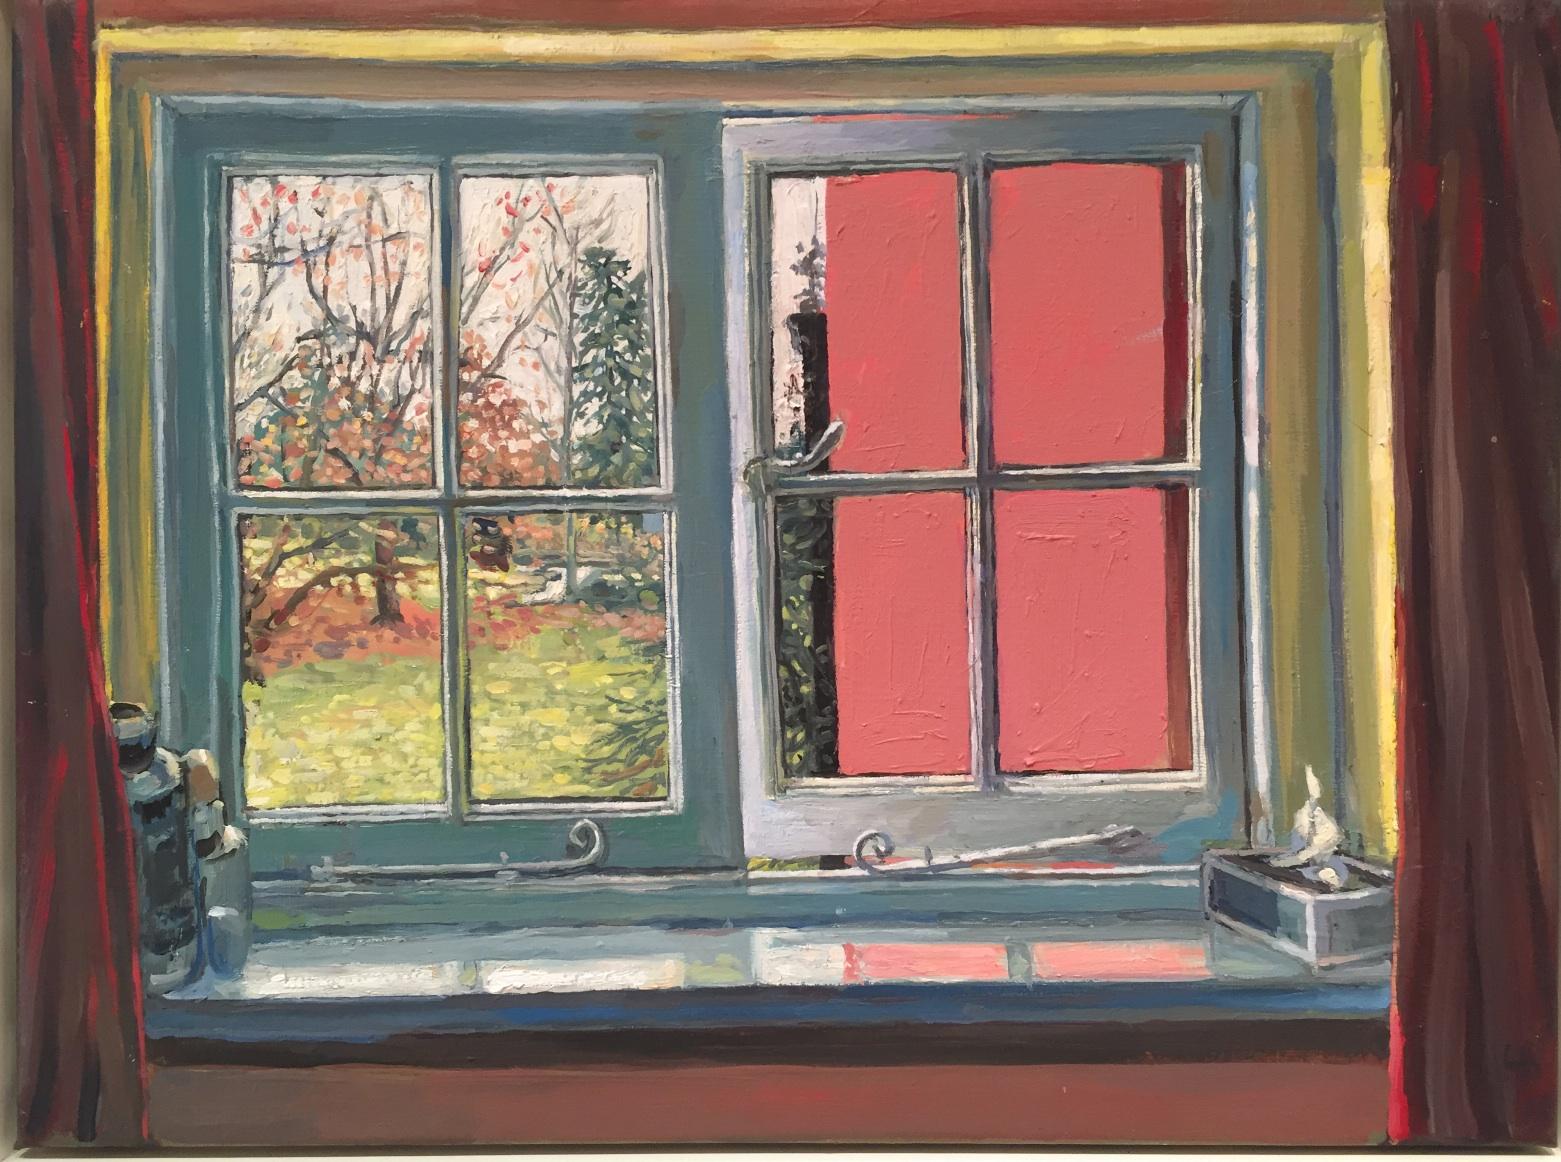 Hector McDonnell RUA, Bathroom Window near Bath, oil on canvas, 38 x 50 cm